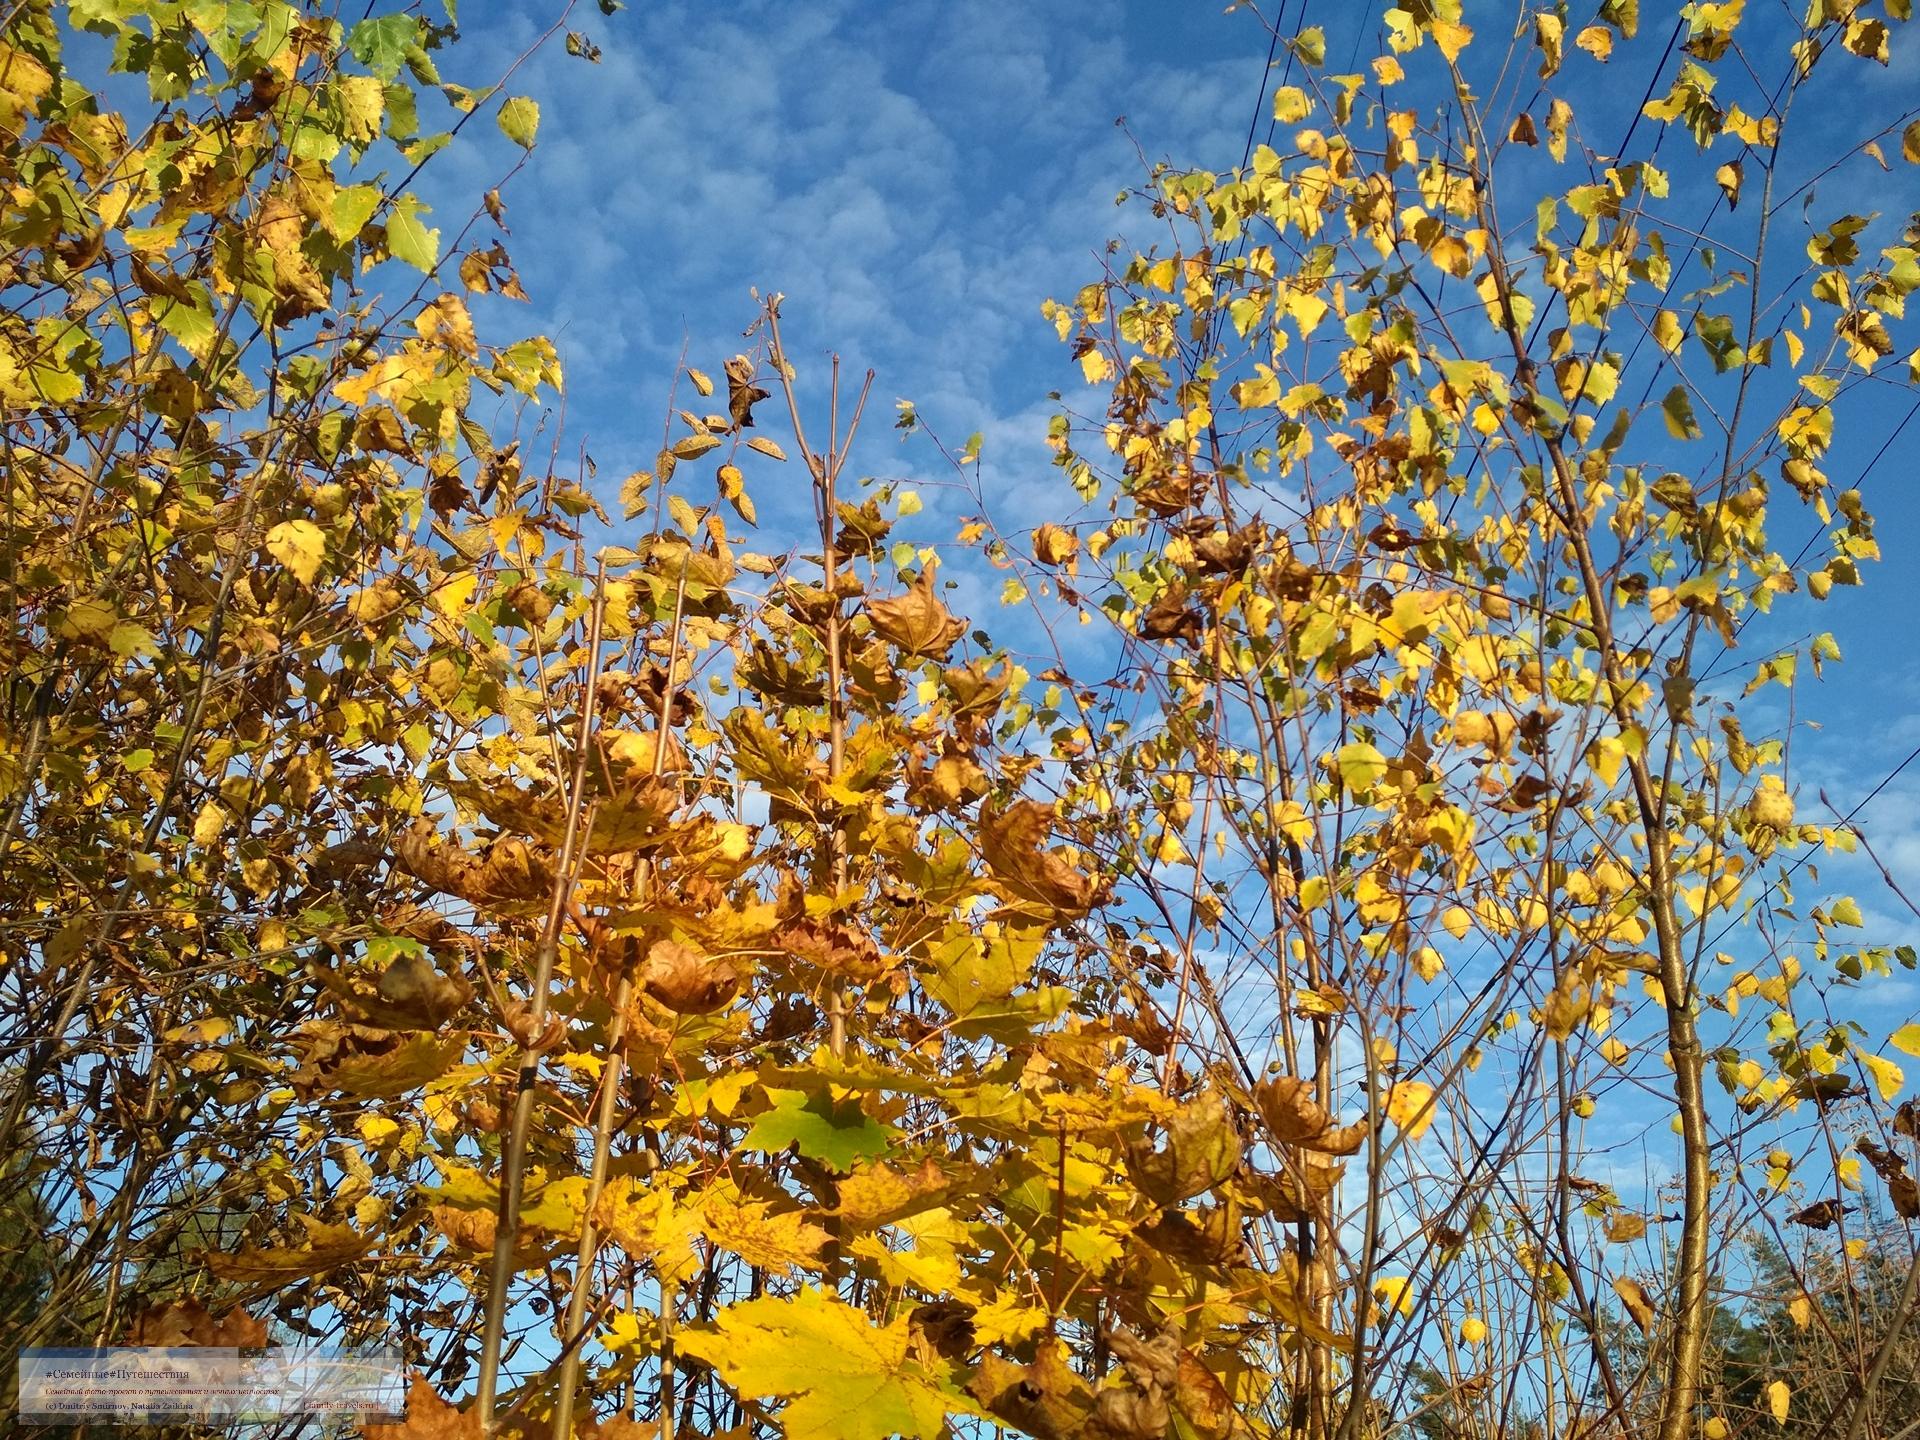 10132018-1620-Blog-02 Просто фото  Золотая осень (2018)